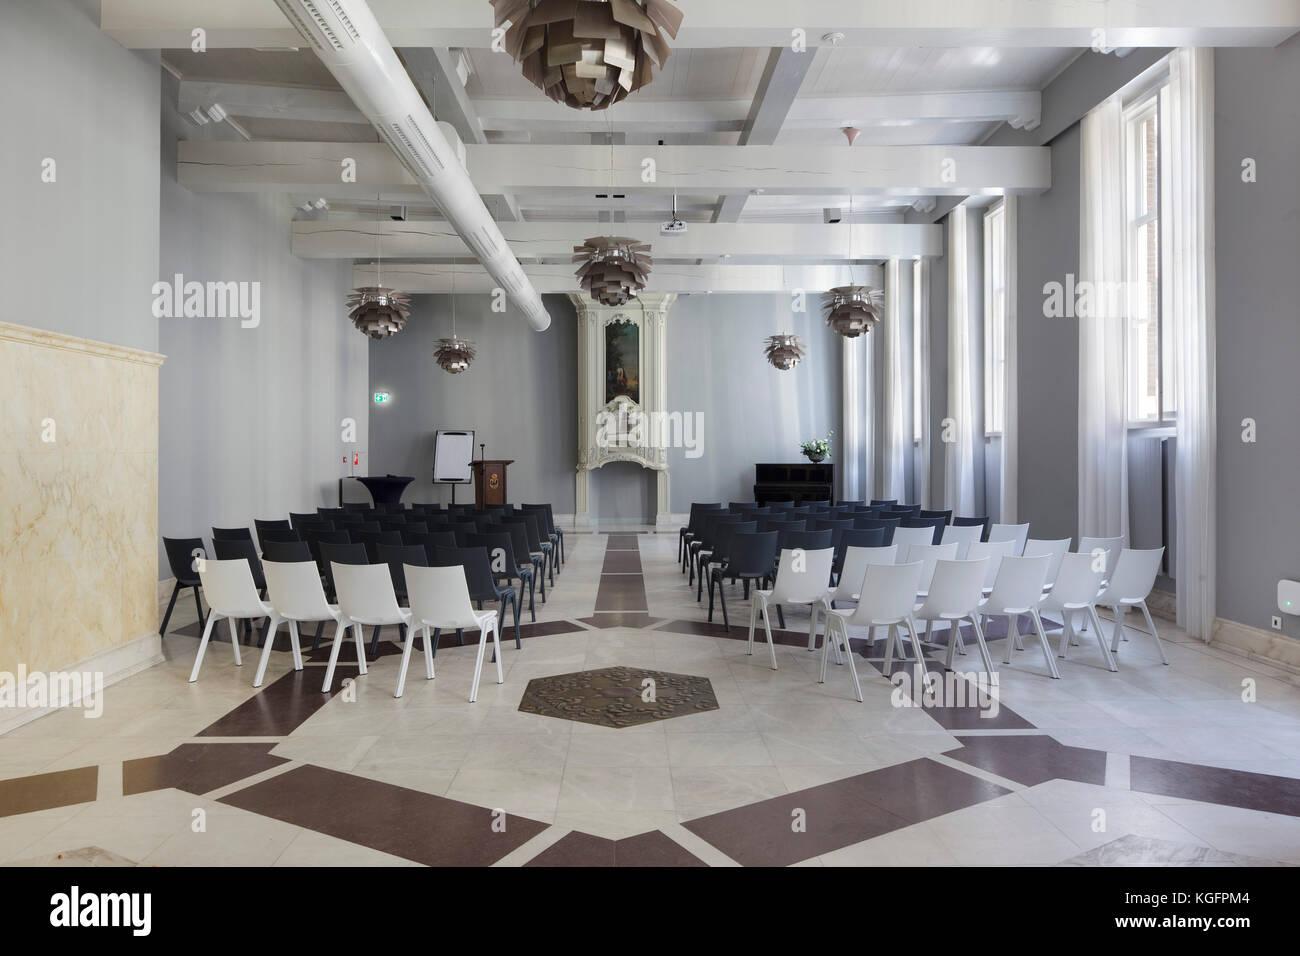 Pavimento Bianco E Grigio : Sala riunioni in edificio originale con geometrica pavimento in